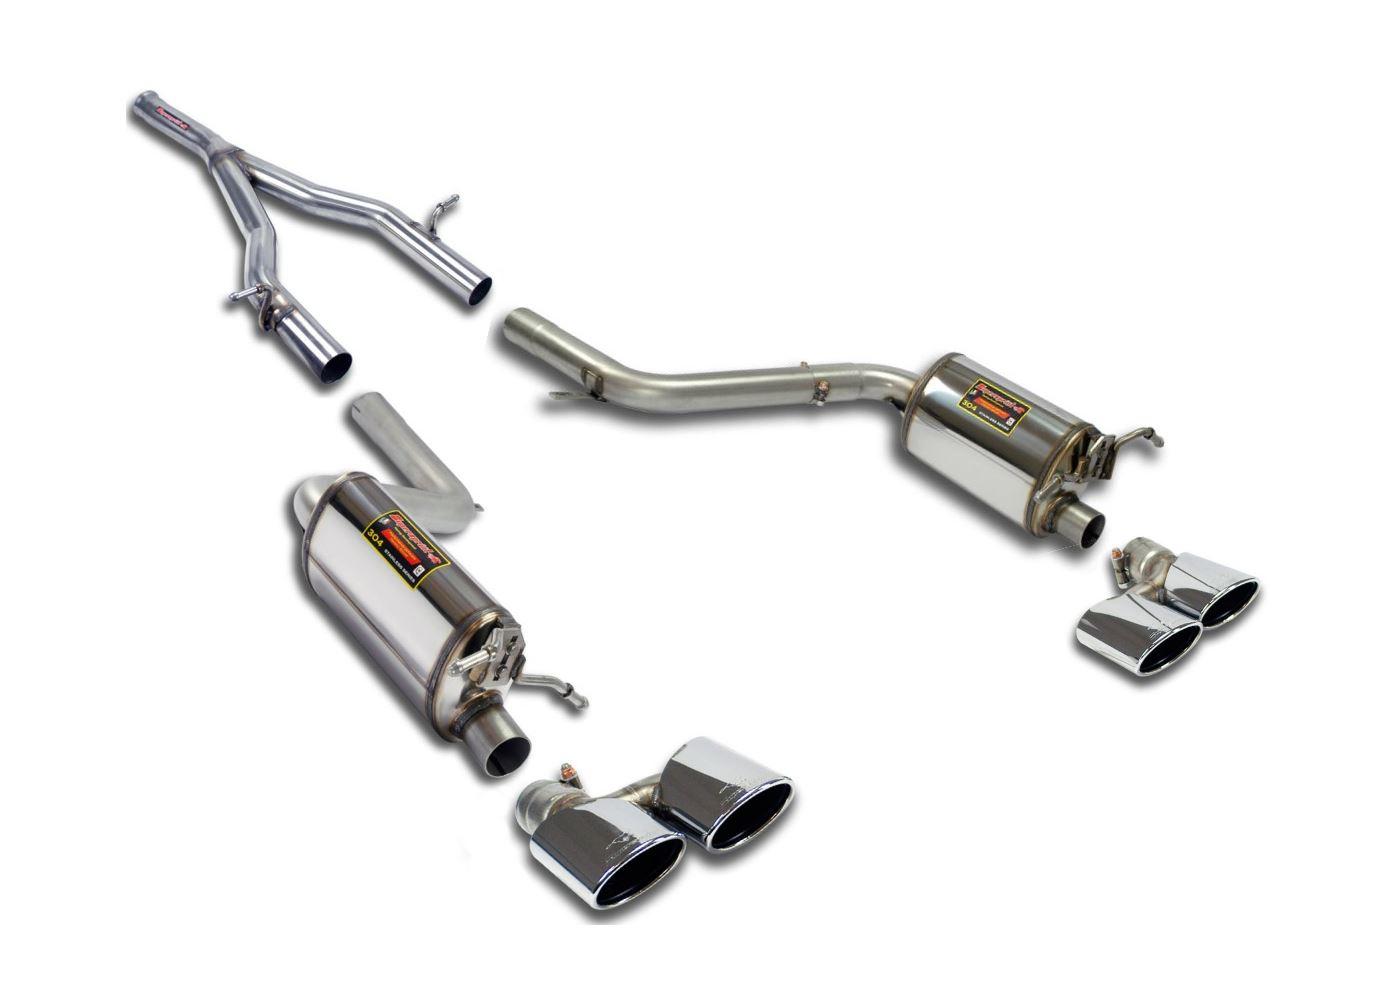 Best exhaust supersprint mercedes w204 c 250 cdi 204 hp for Mercedes benz c300 exhaust